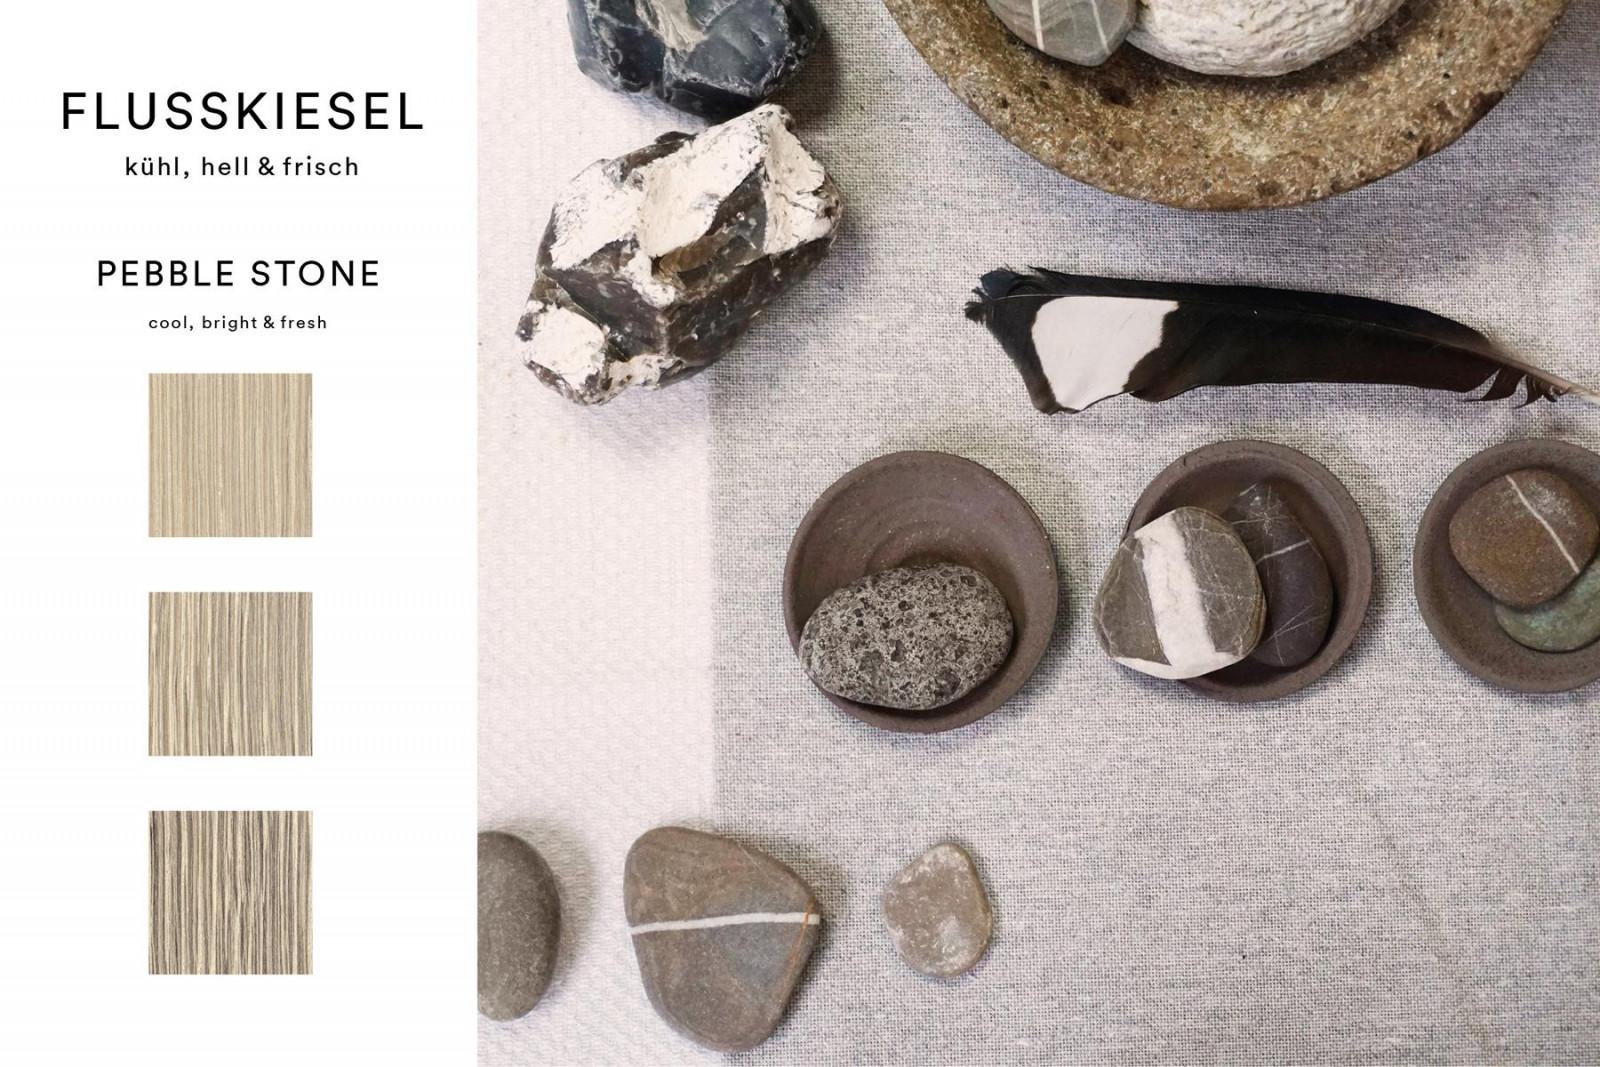 Das natürliche Farbspektrum im Flussbett liegender Steine umfasst zahlreiche Grautöne. Um die leichten Abstufungen im Eichenholz zu erreichen, wird die Maserung aufgehellt. Je nach Furnierbild tritt der Kontrast des Weißpigments zur Holzfarbe unterschiedlich intensiv hervor.